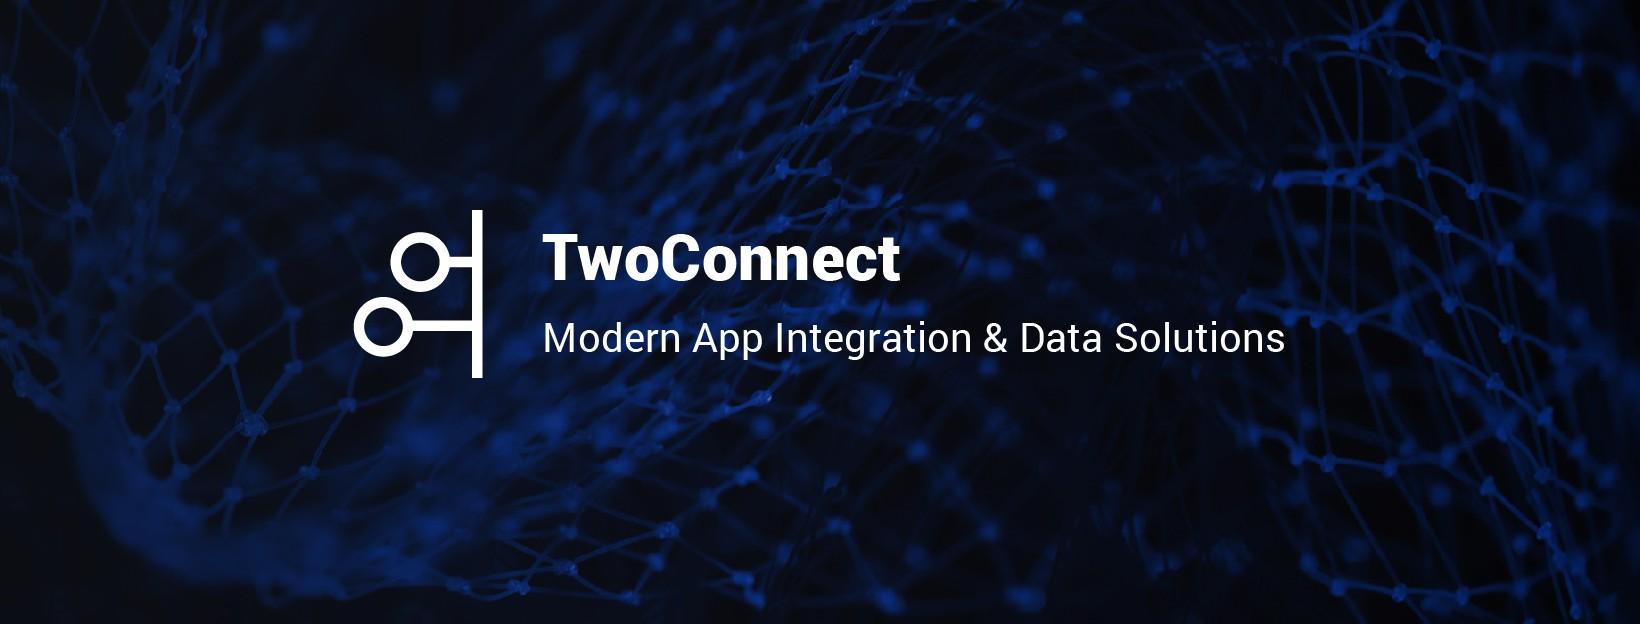 TwoConnect: Microsoft Azure Cloud, BizTalk Integration